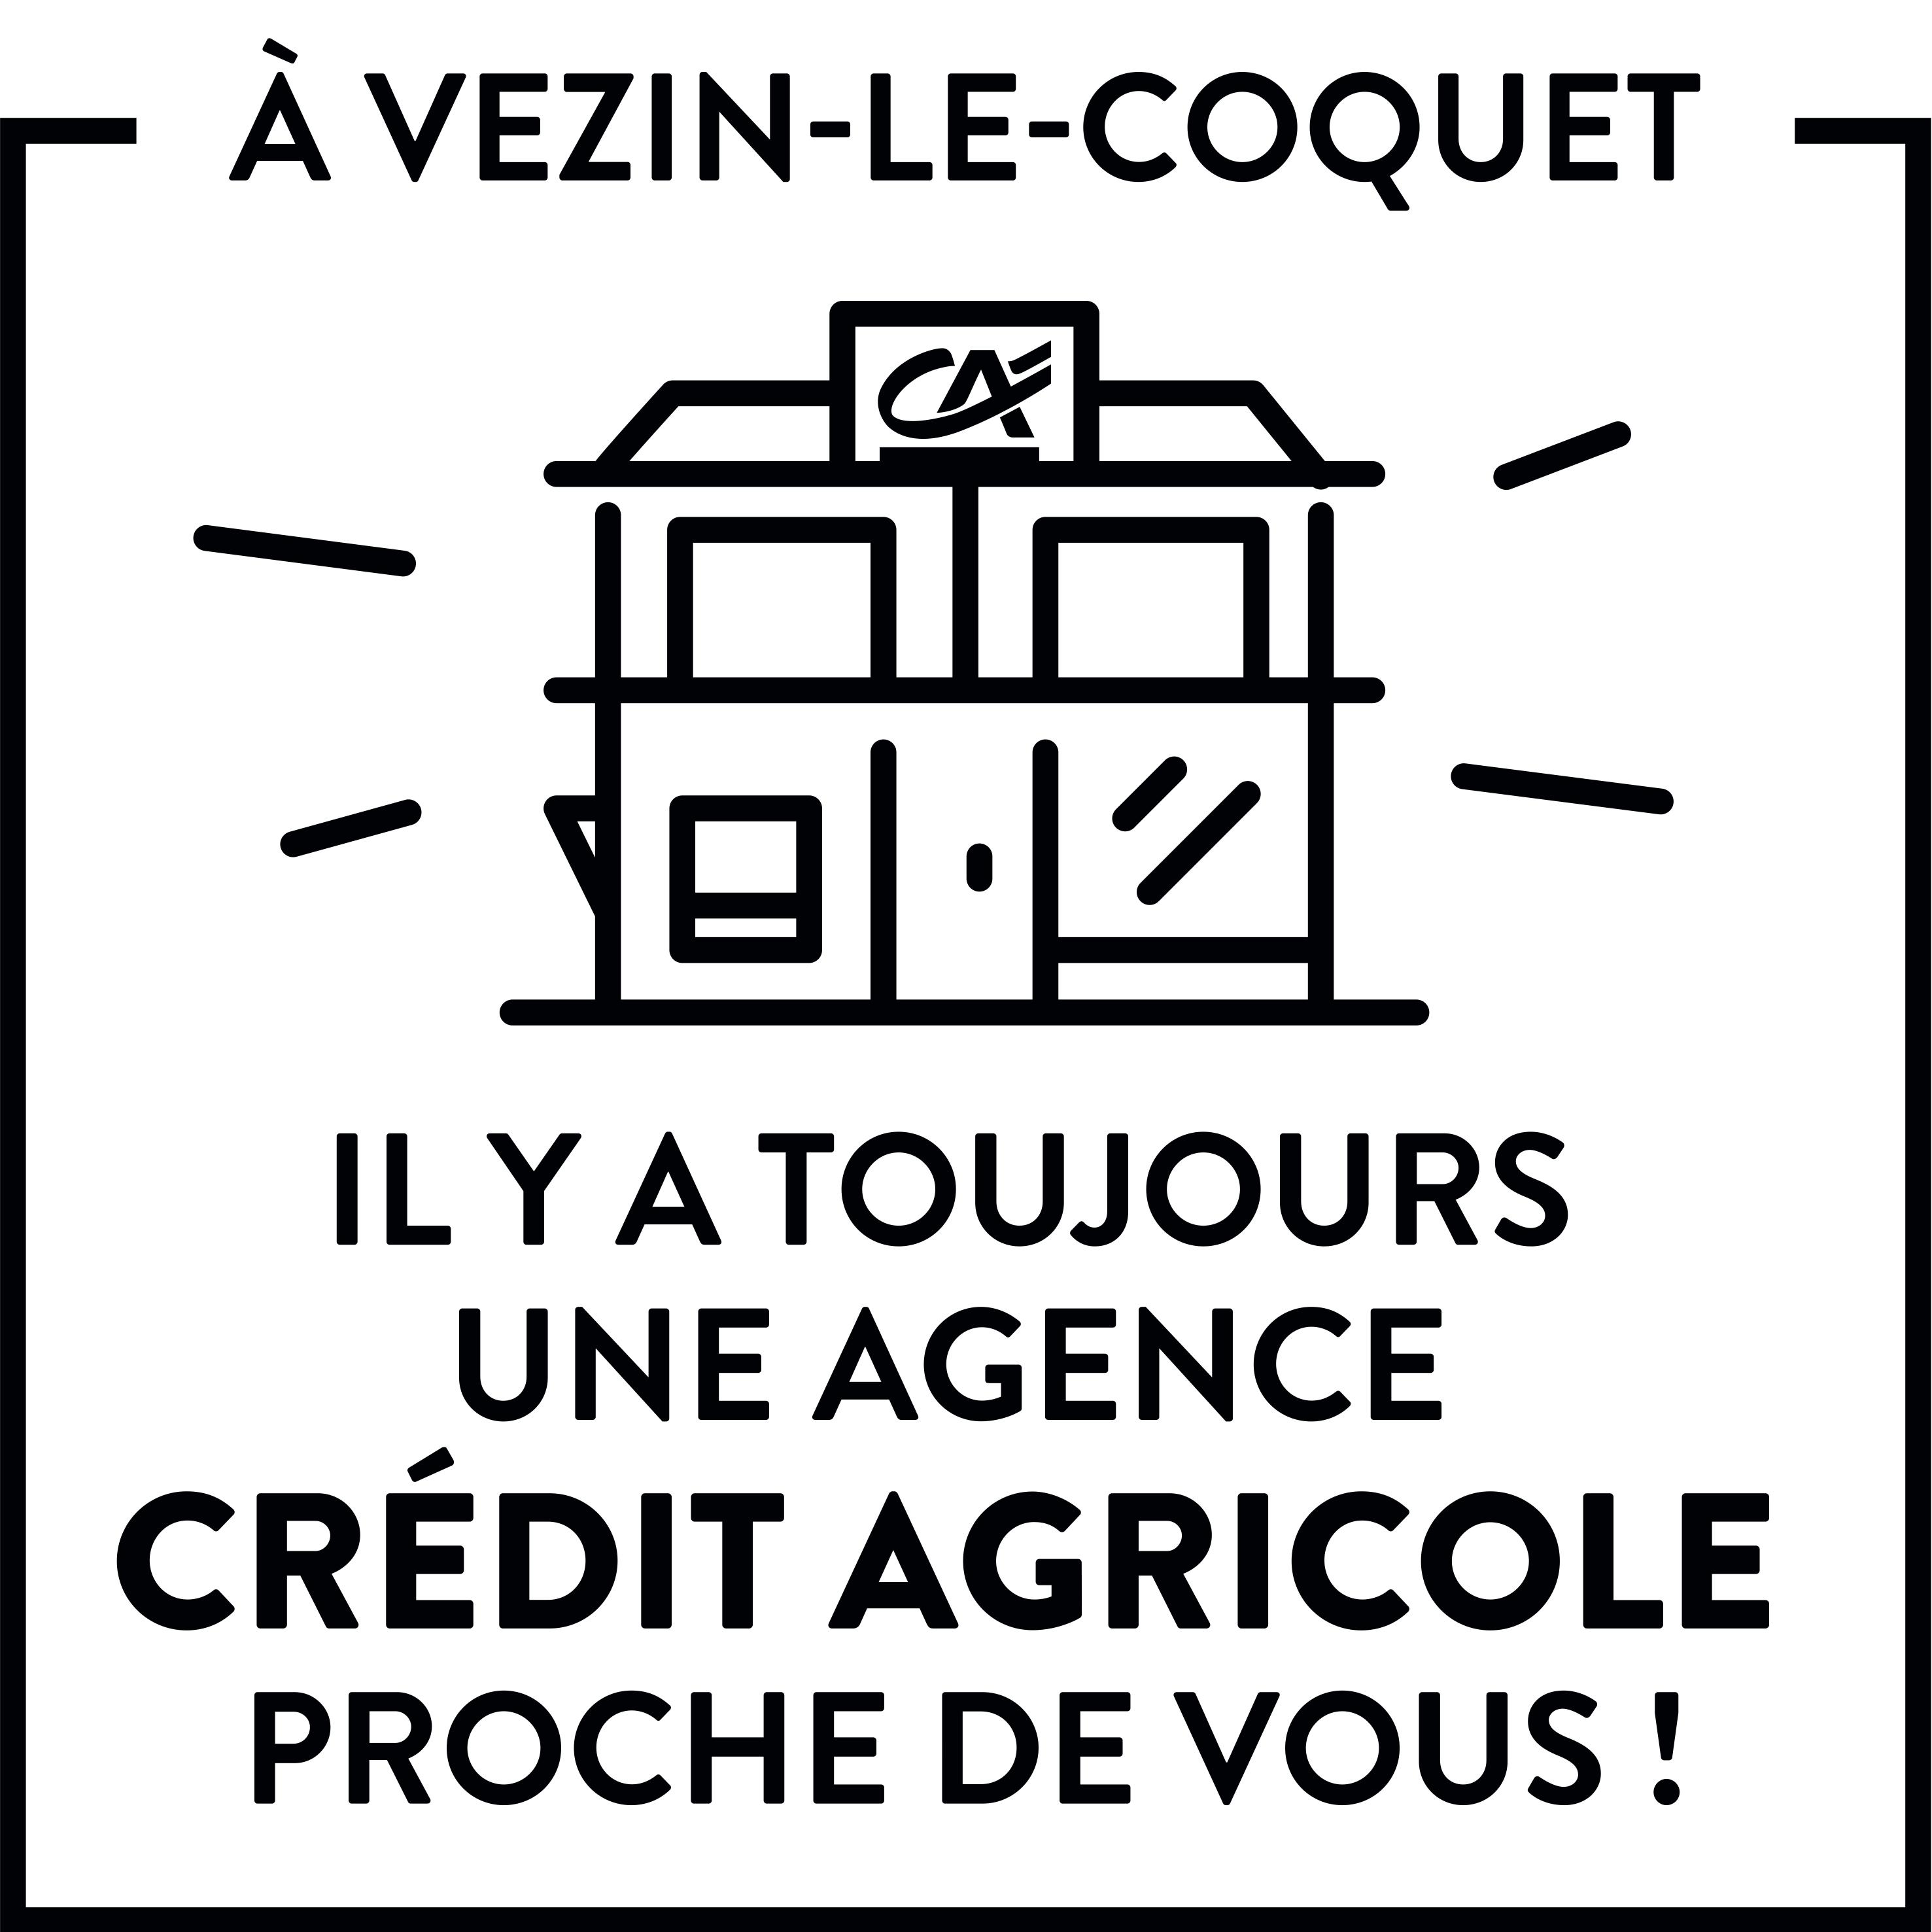 CRÉDIT AGRICOLE ILLE-ET-VILAINE – VEZIN-LE-COQUET